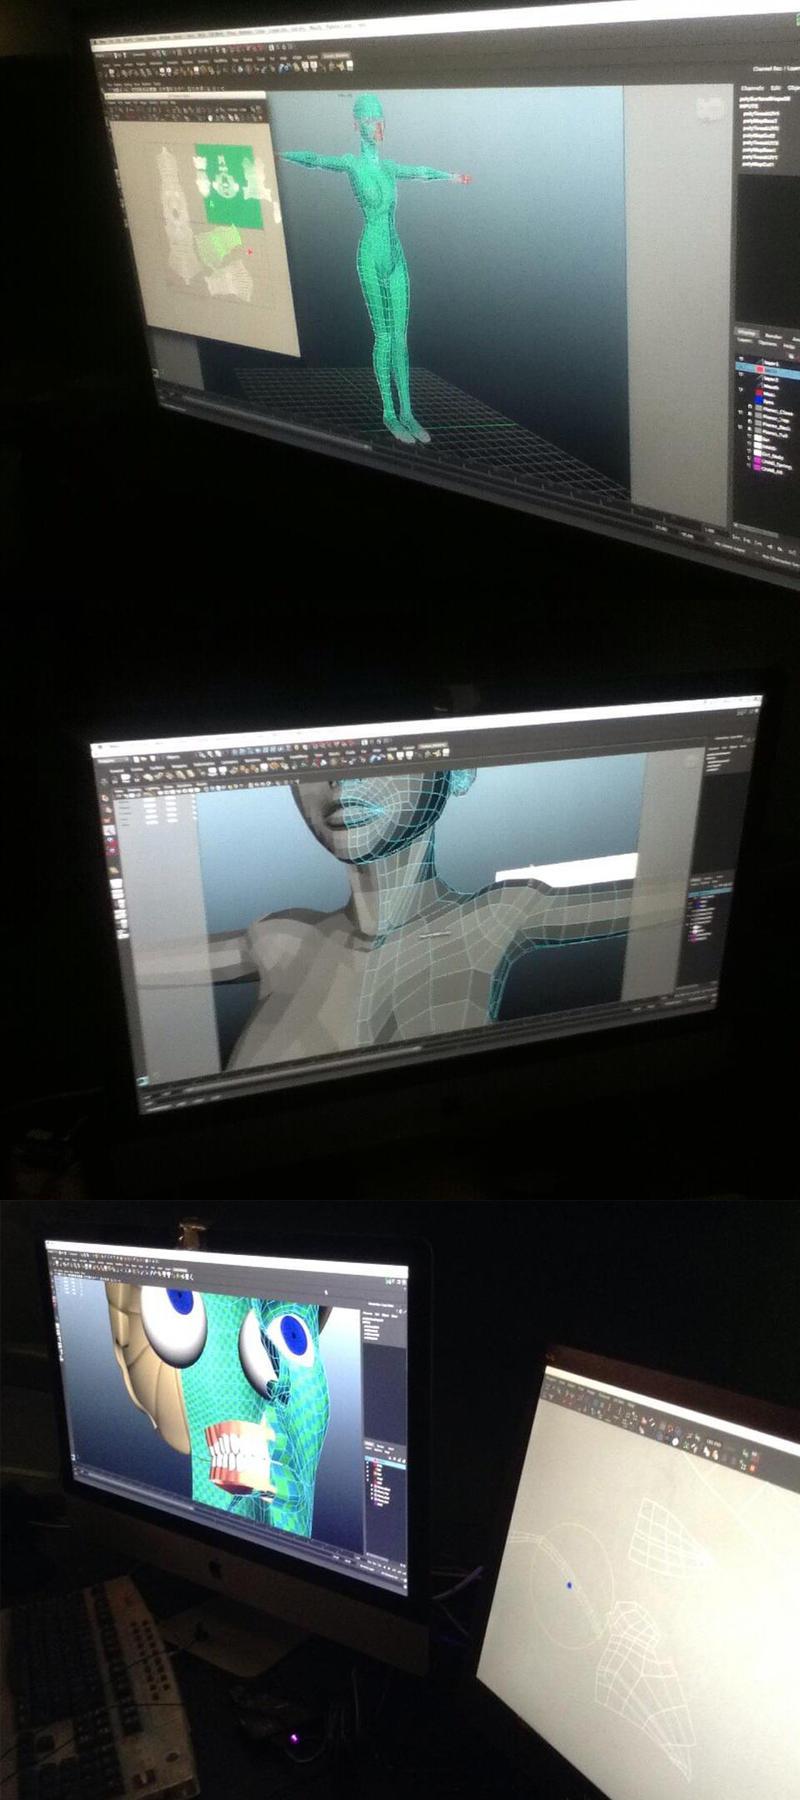 FIgure being modeled by RyanKinnaird